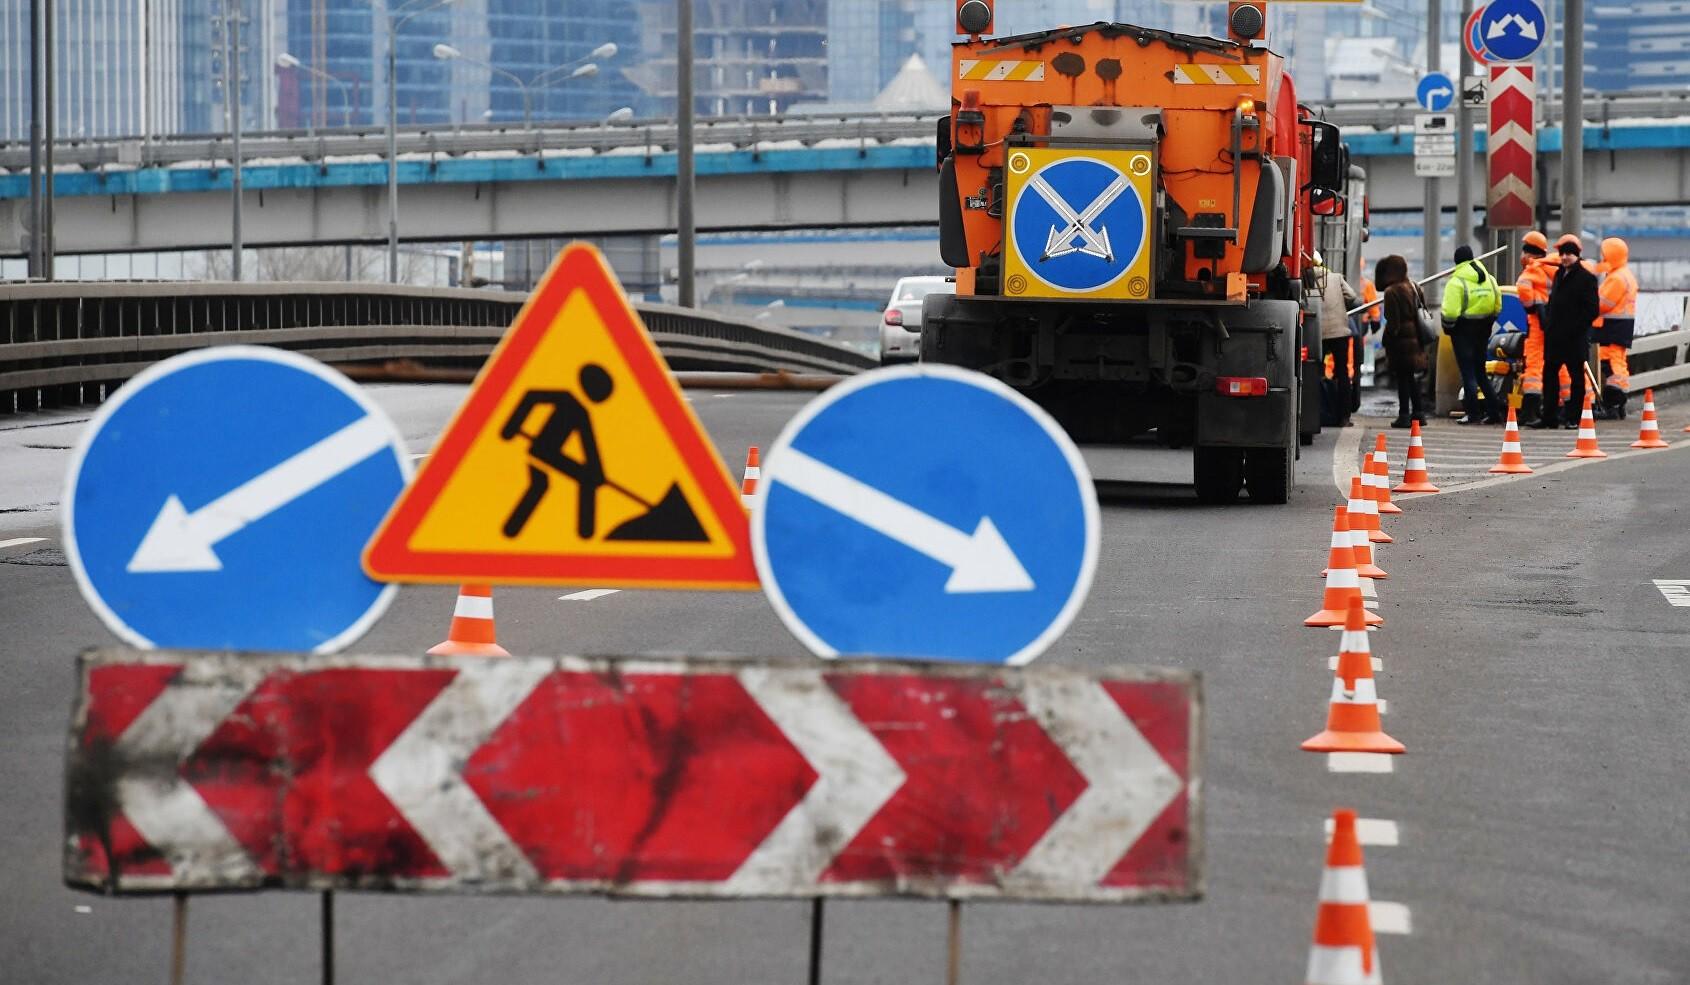 На МКАДе начинается масштабный ремонт путепровода. Работы повлияют на движение всего транспорта